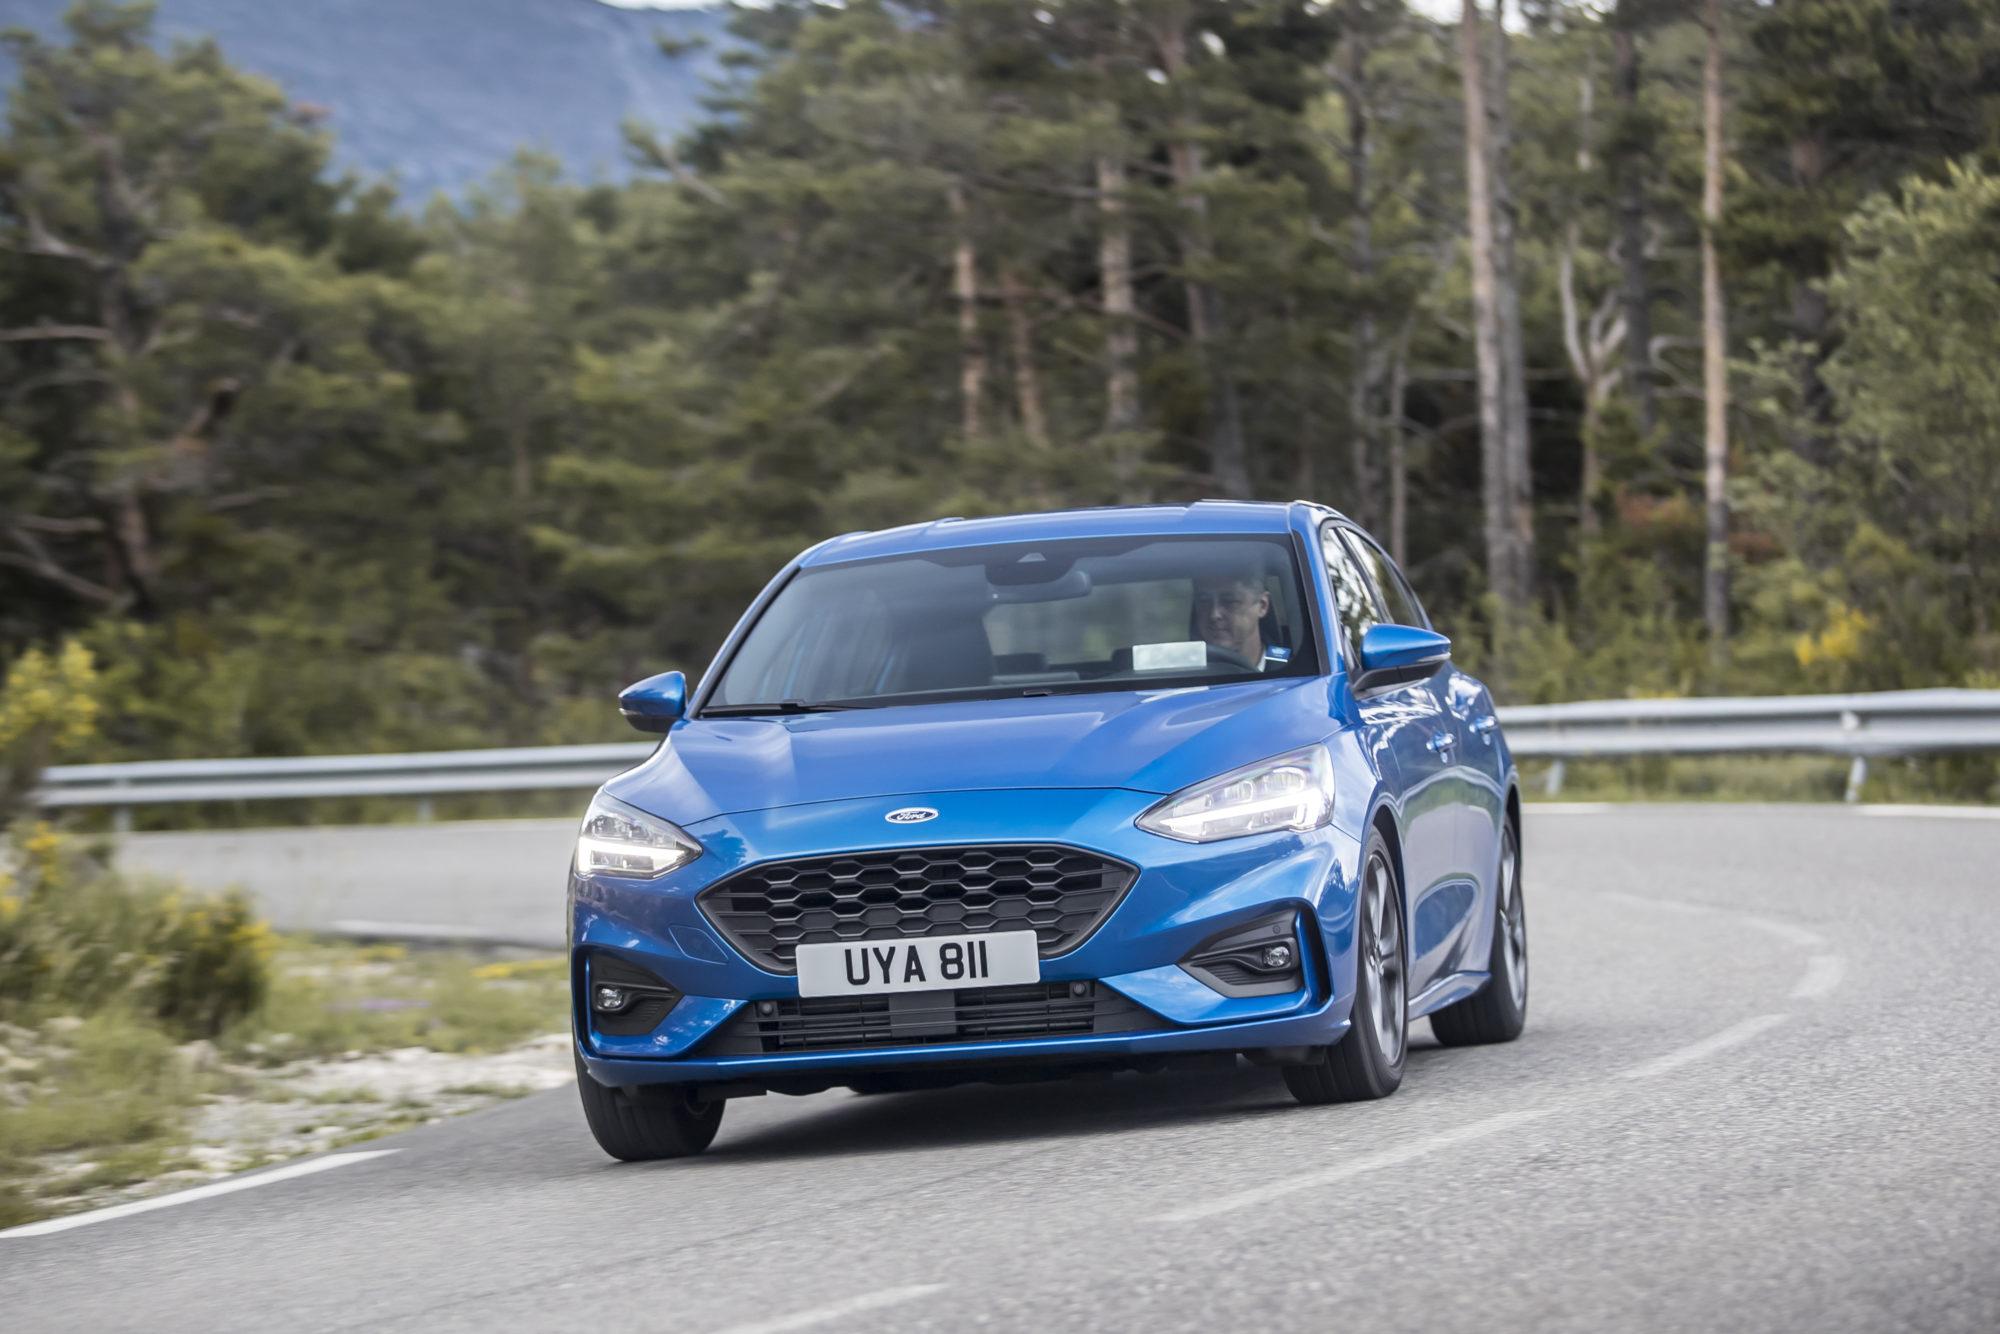 novo Ford Focus teste